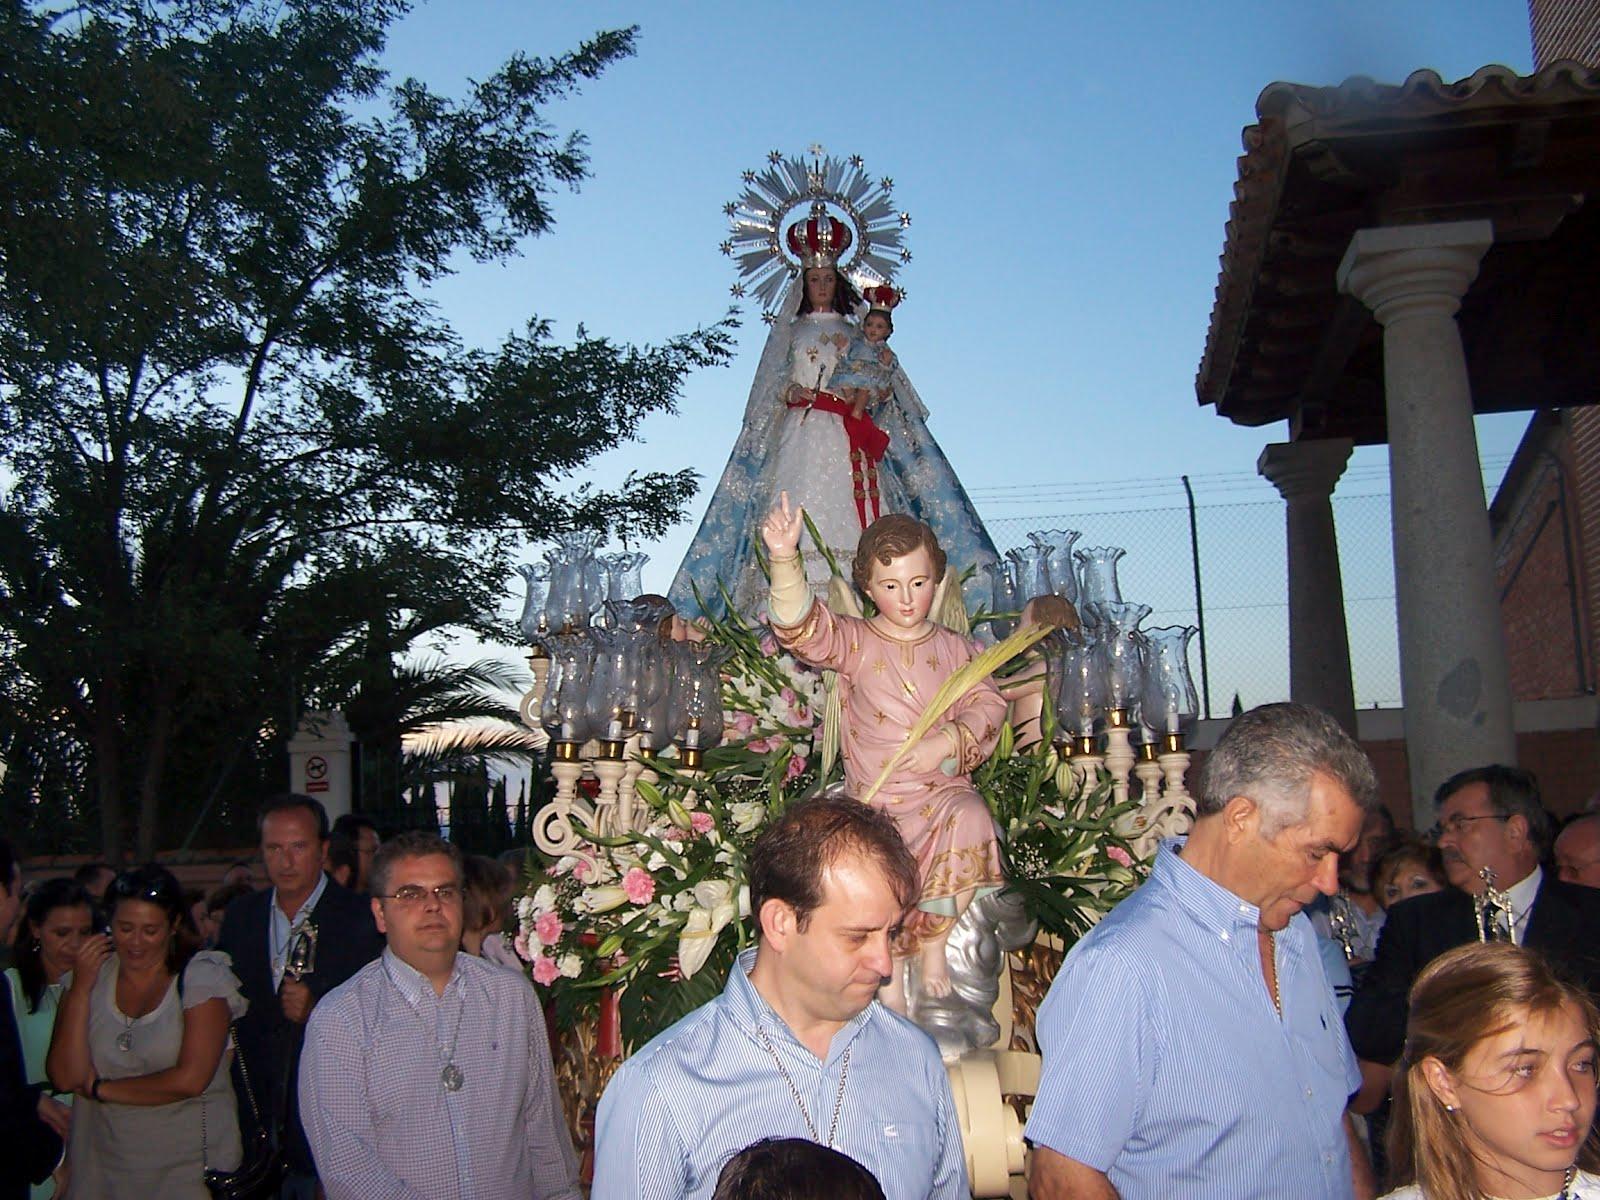 Acompañó a Don Juan de Austria en Lepanto: Nuestra Señora de Butarque, España (15 de agosto)